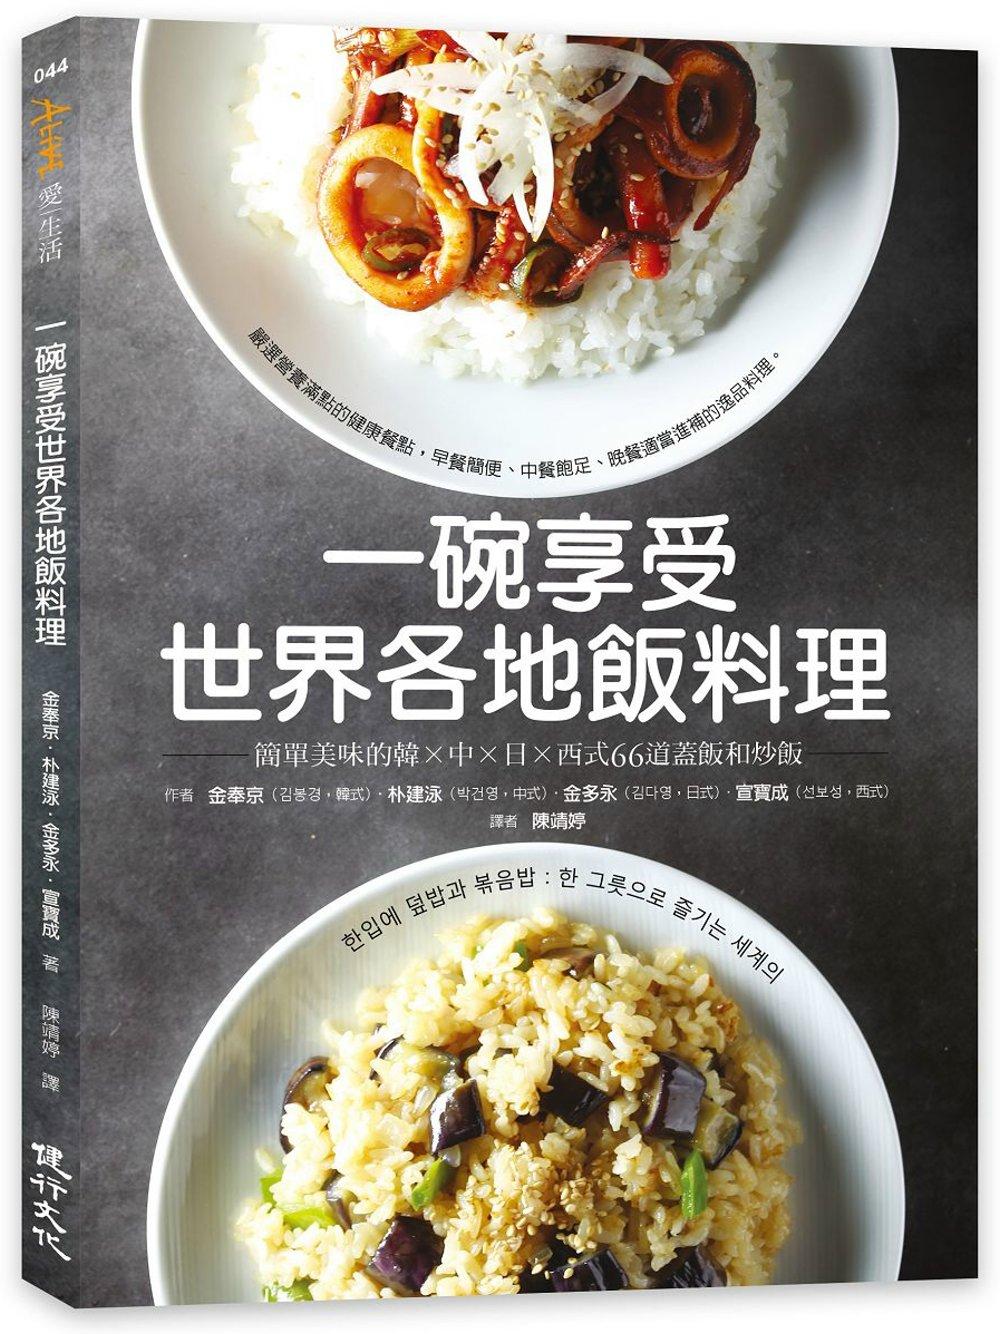 一碗享受世界各地飯料理:簡單美味的韓×中×日×西式66道蓋飯和炒飯